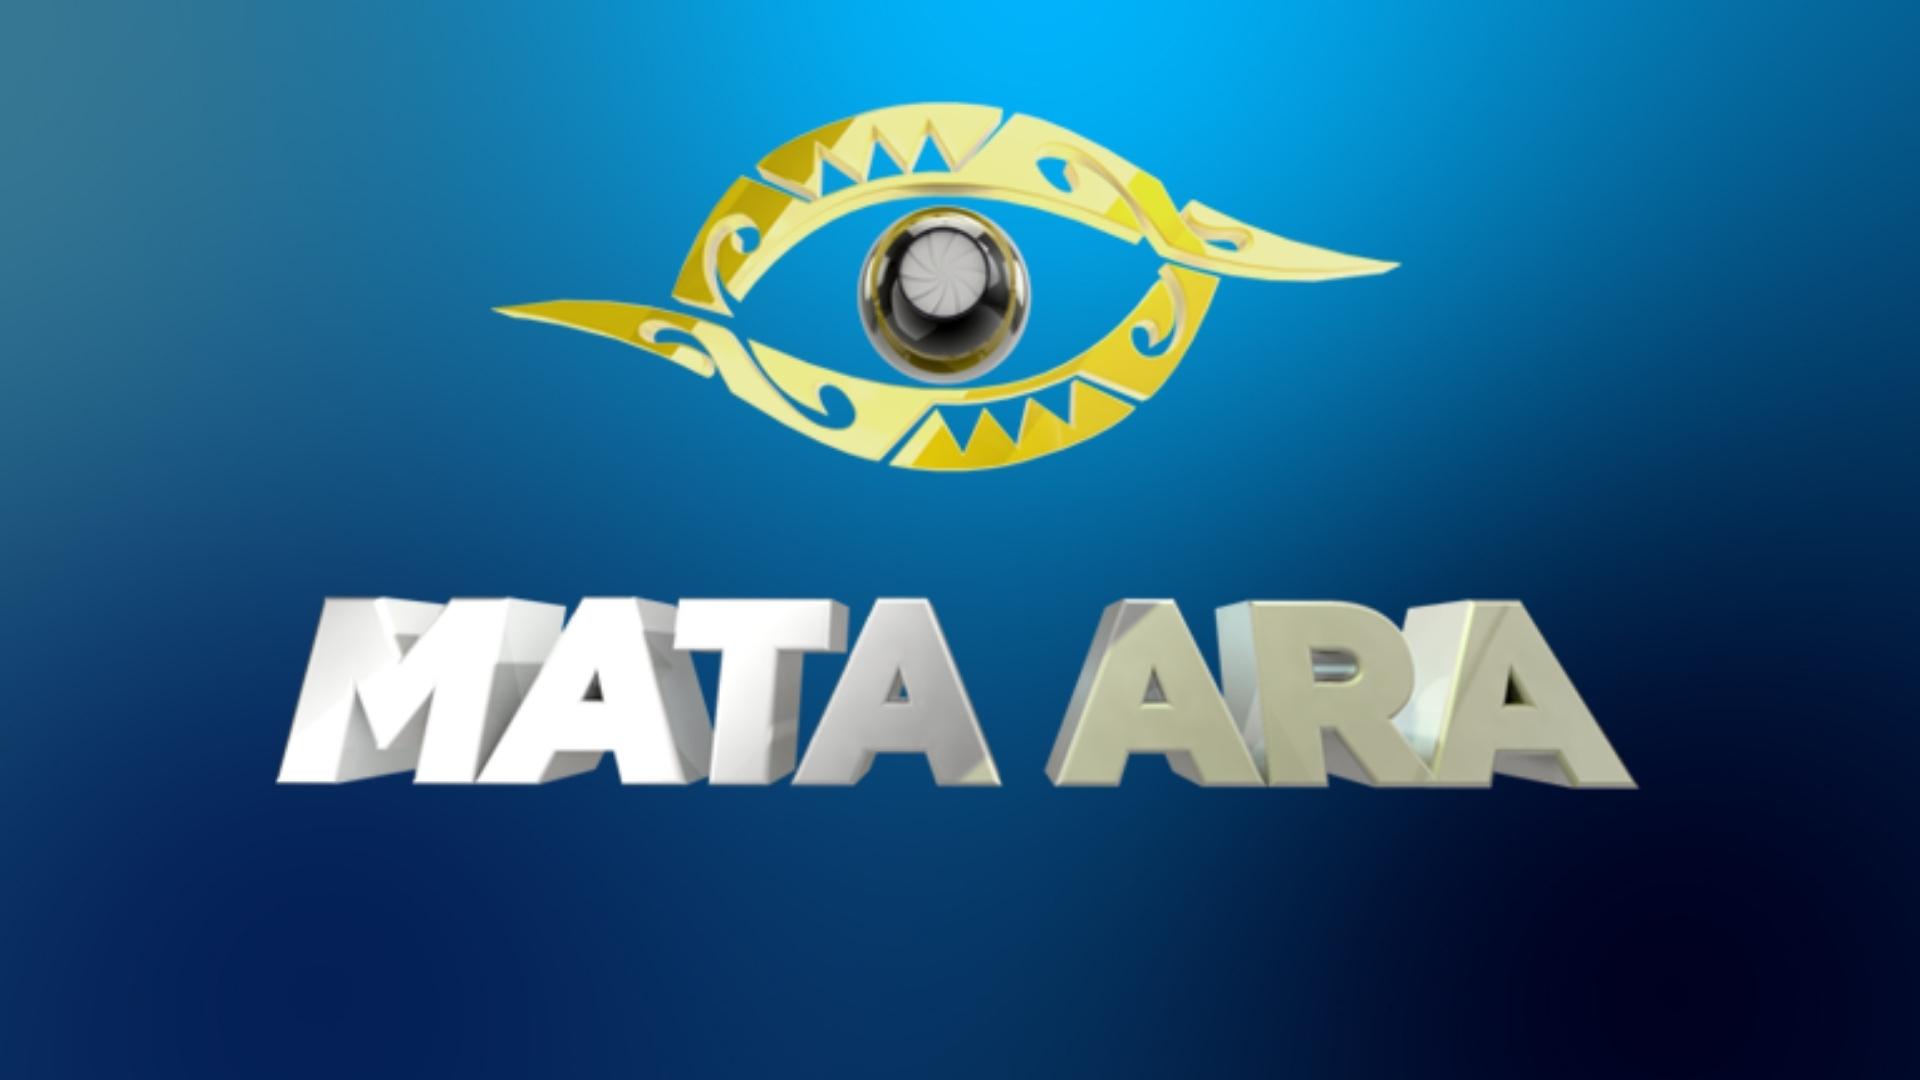 Mata Ara